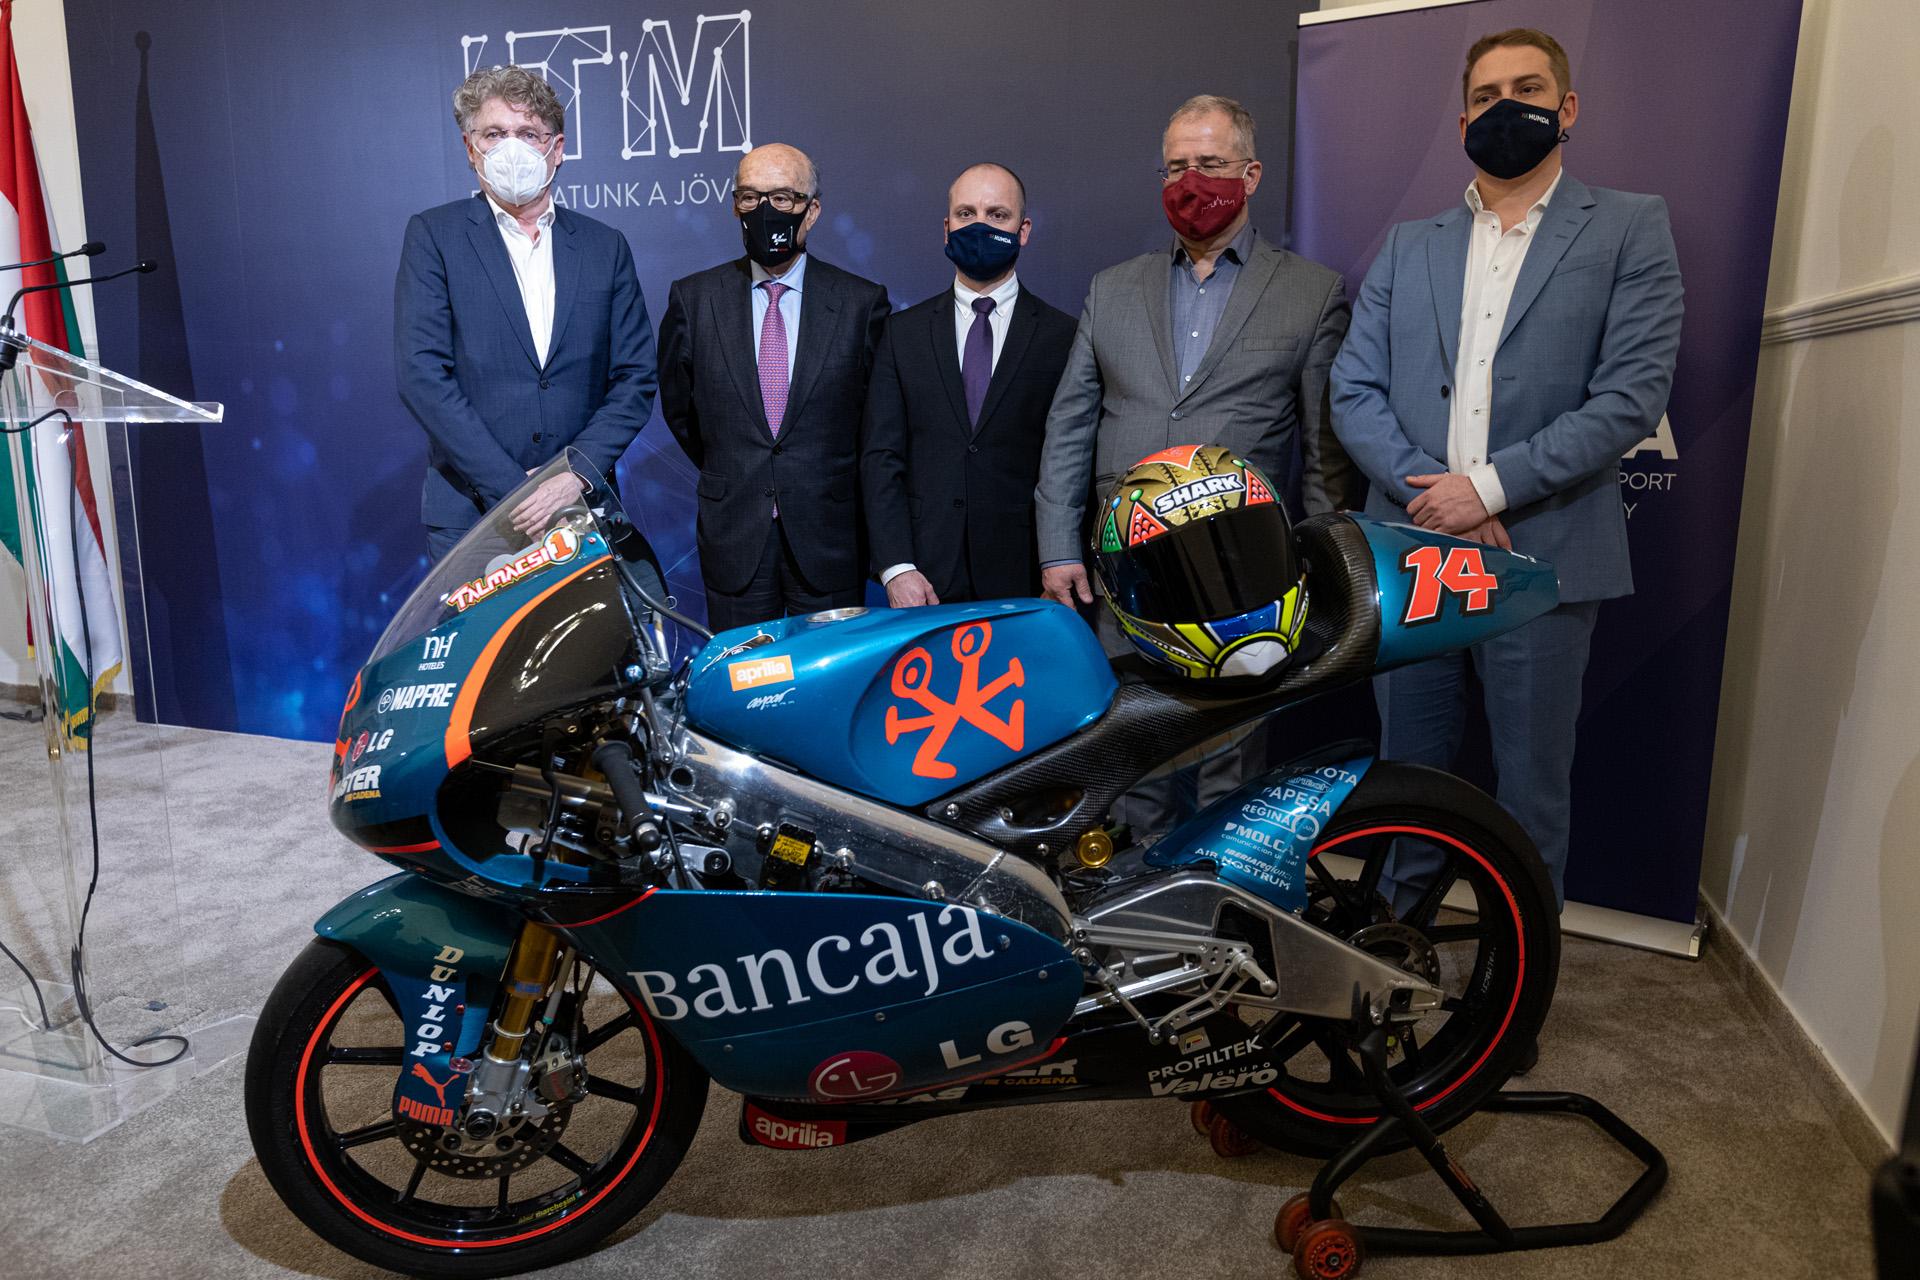 Hungría se unirá al calendario de MotoGP ™ a partir de 2023